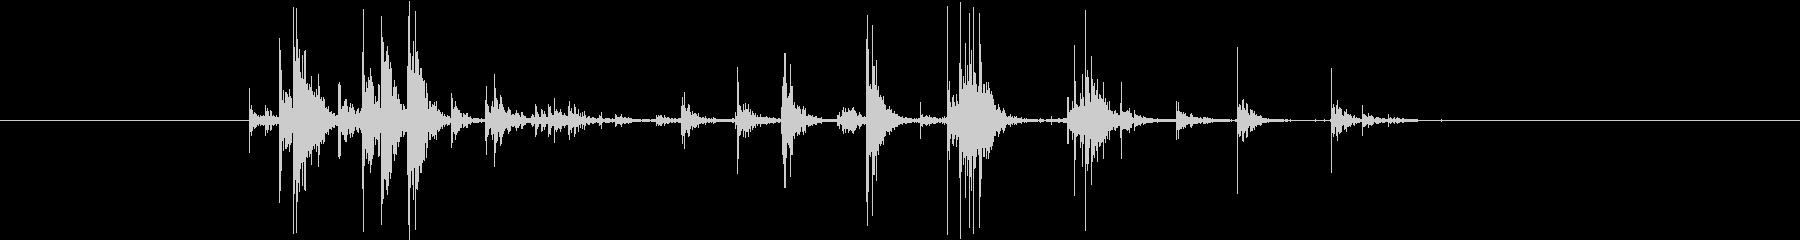 錠剤ケース(小)を振る音_03の未再生の波形